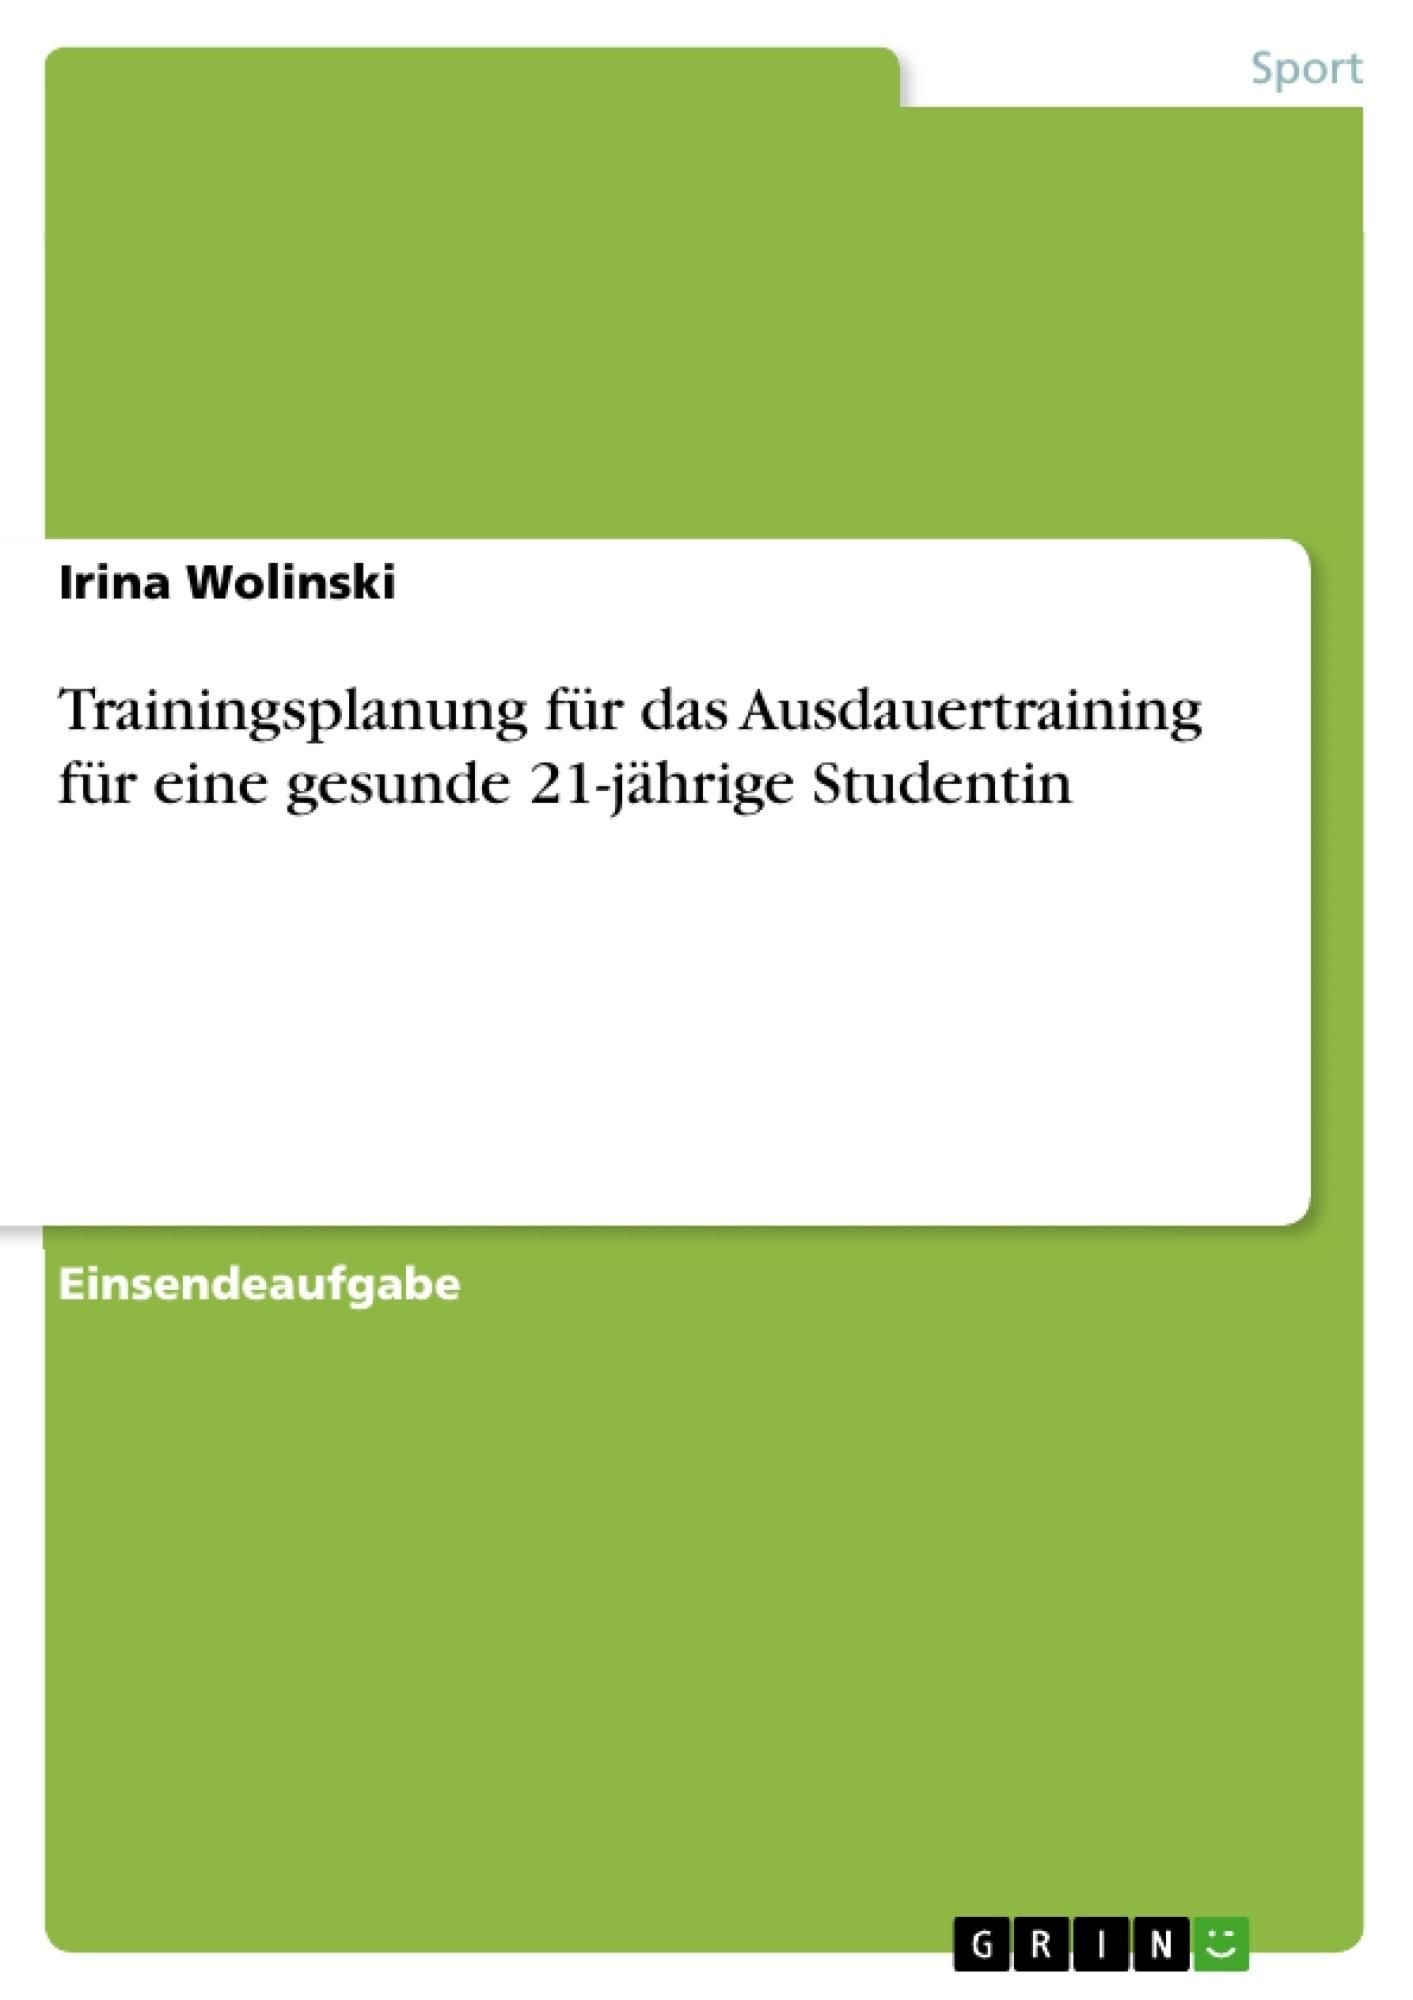 Titel: Trainingsplanung für das Ausdauertraining für eine gesunde 21-jährige Studentin